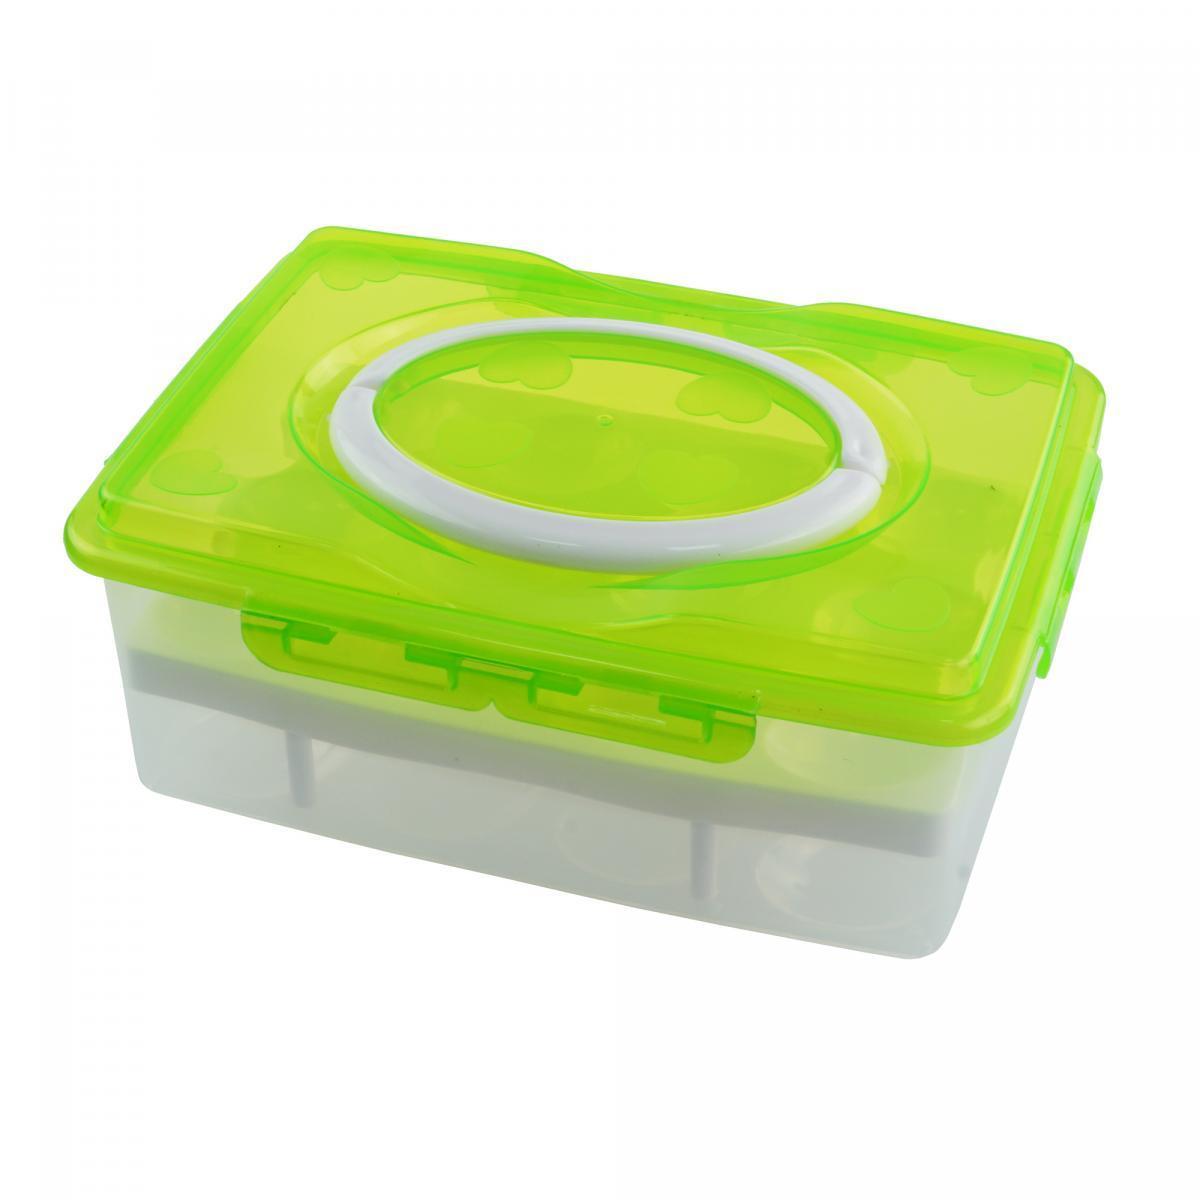 Контейнер для хранения яиц 24 шт. салатовый